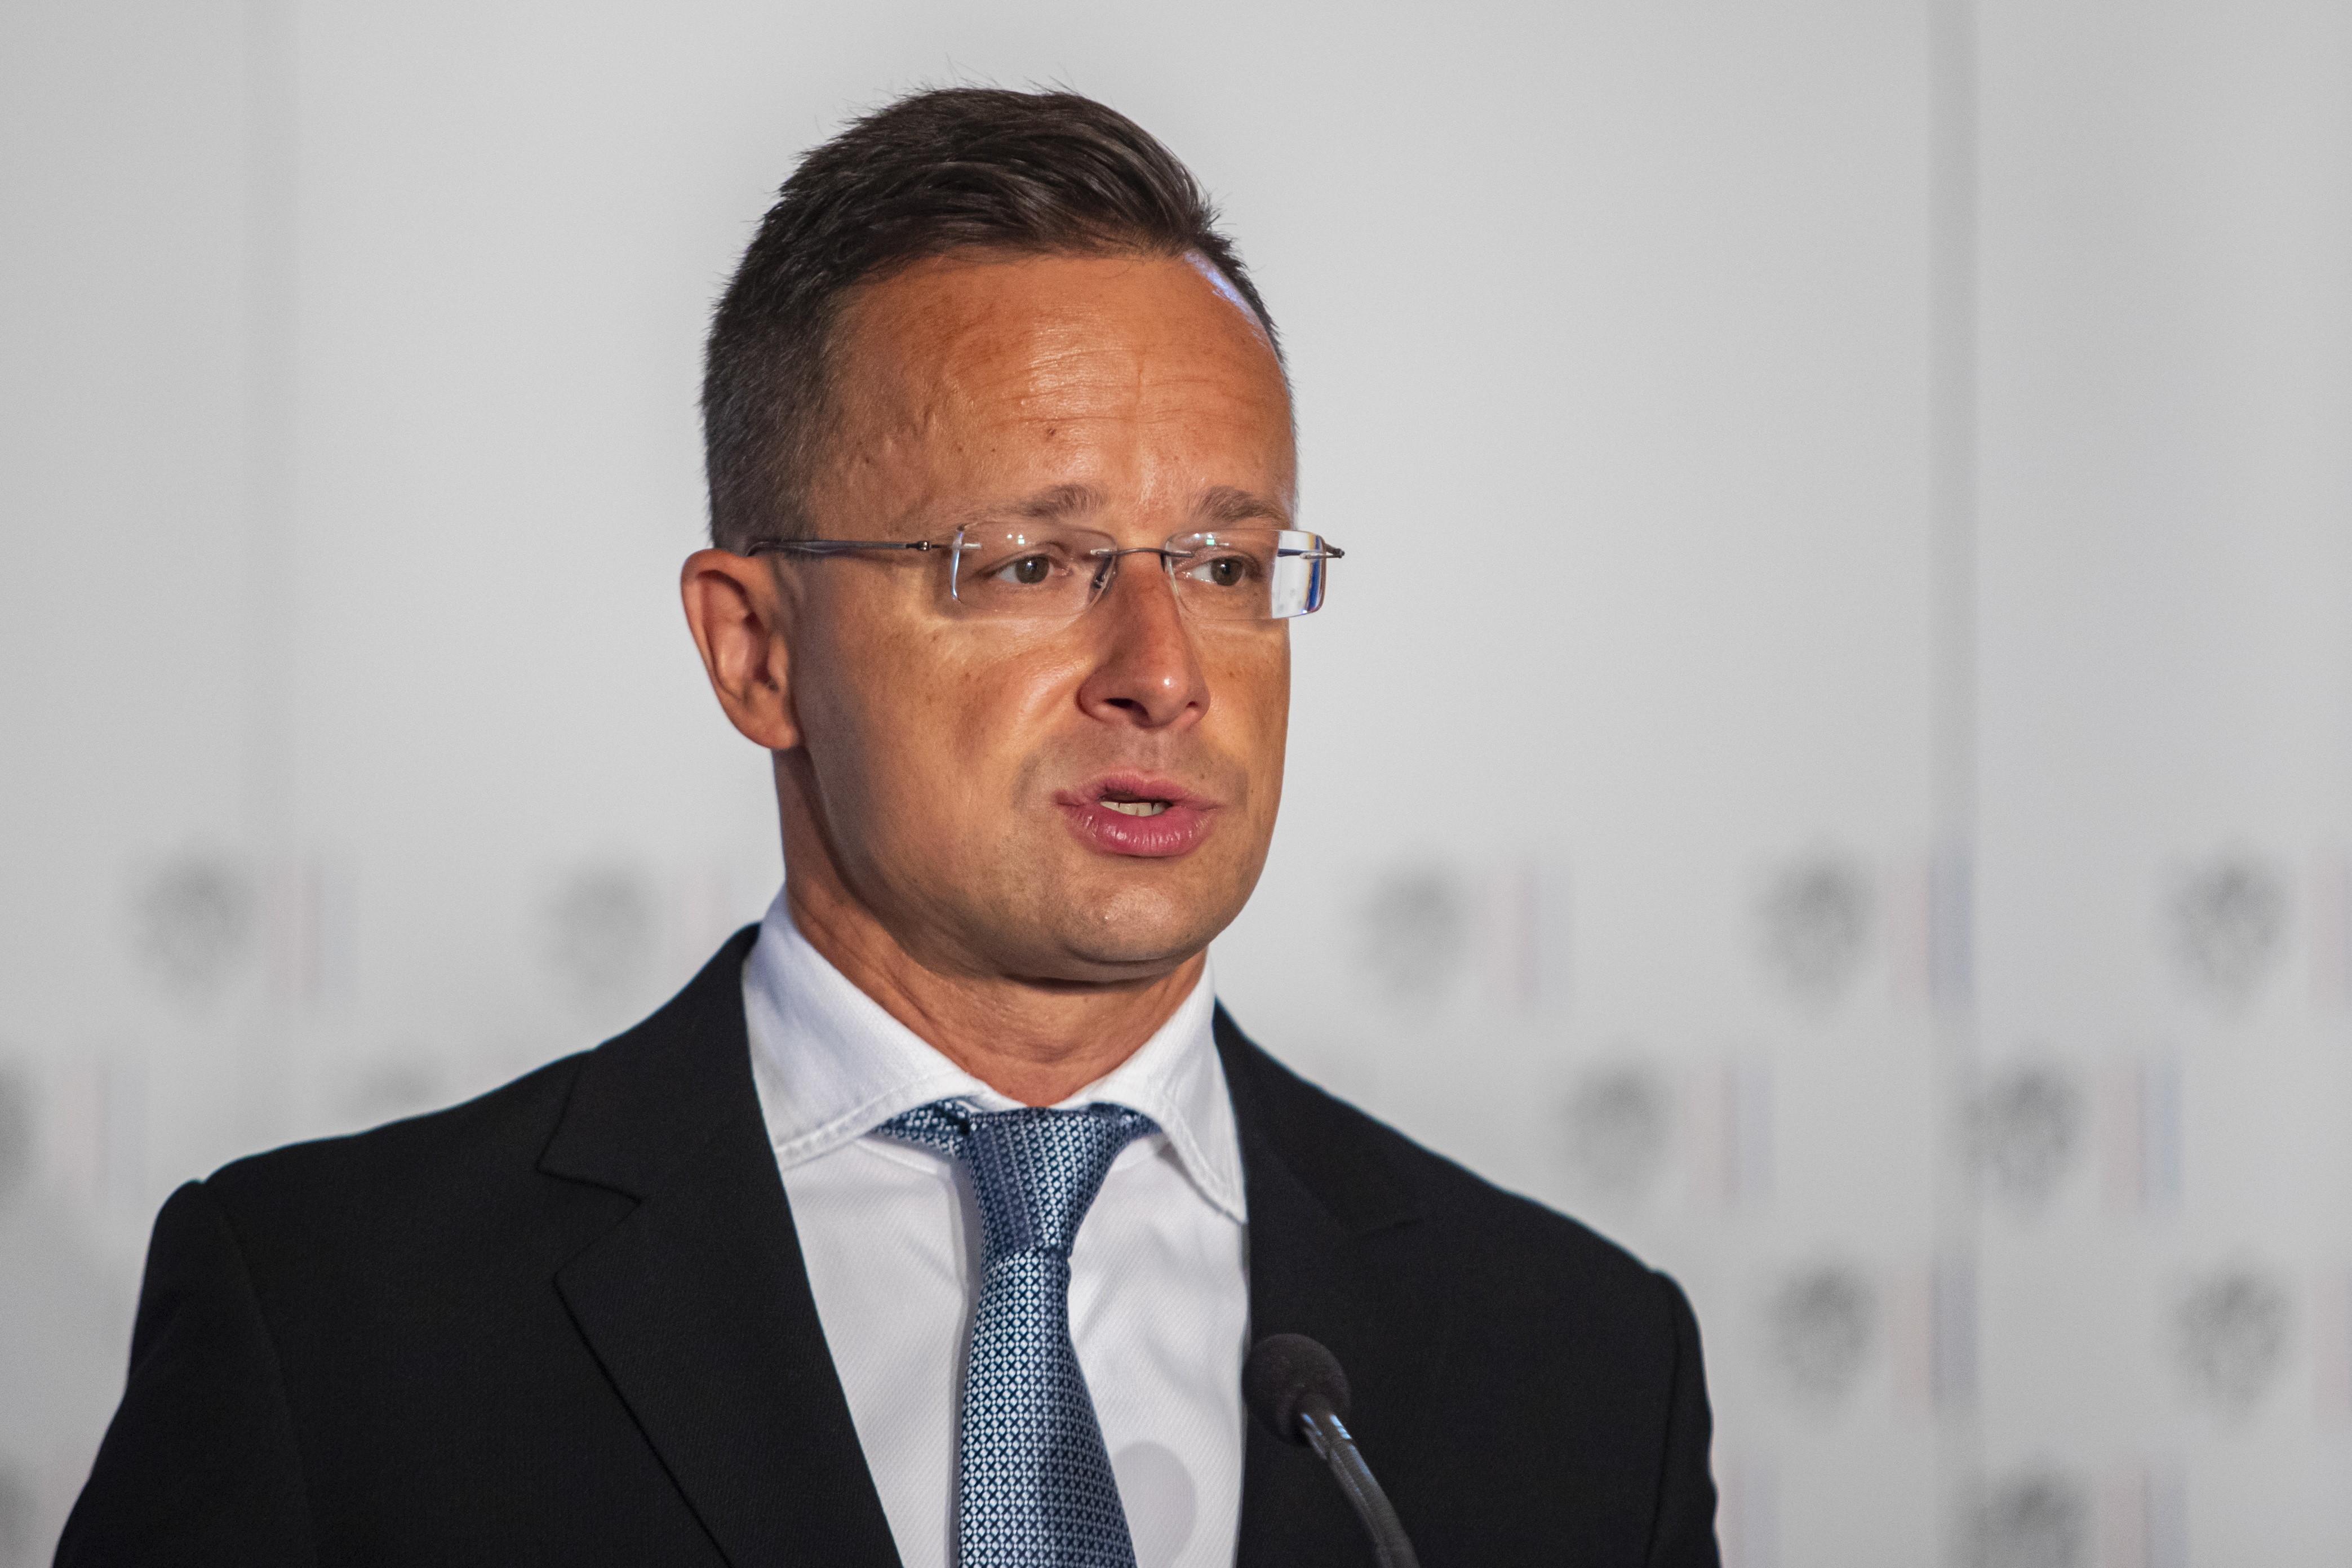 România va primi 1.000 de cutii de medicamente favipiravir din partea Ungariei, pentru bolnavii de Covid